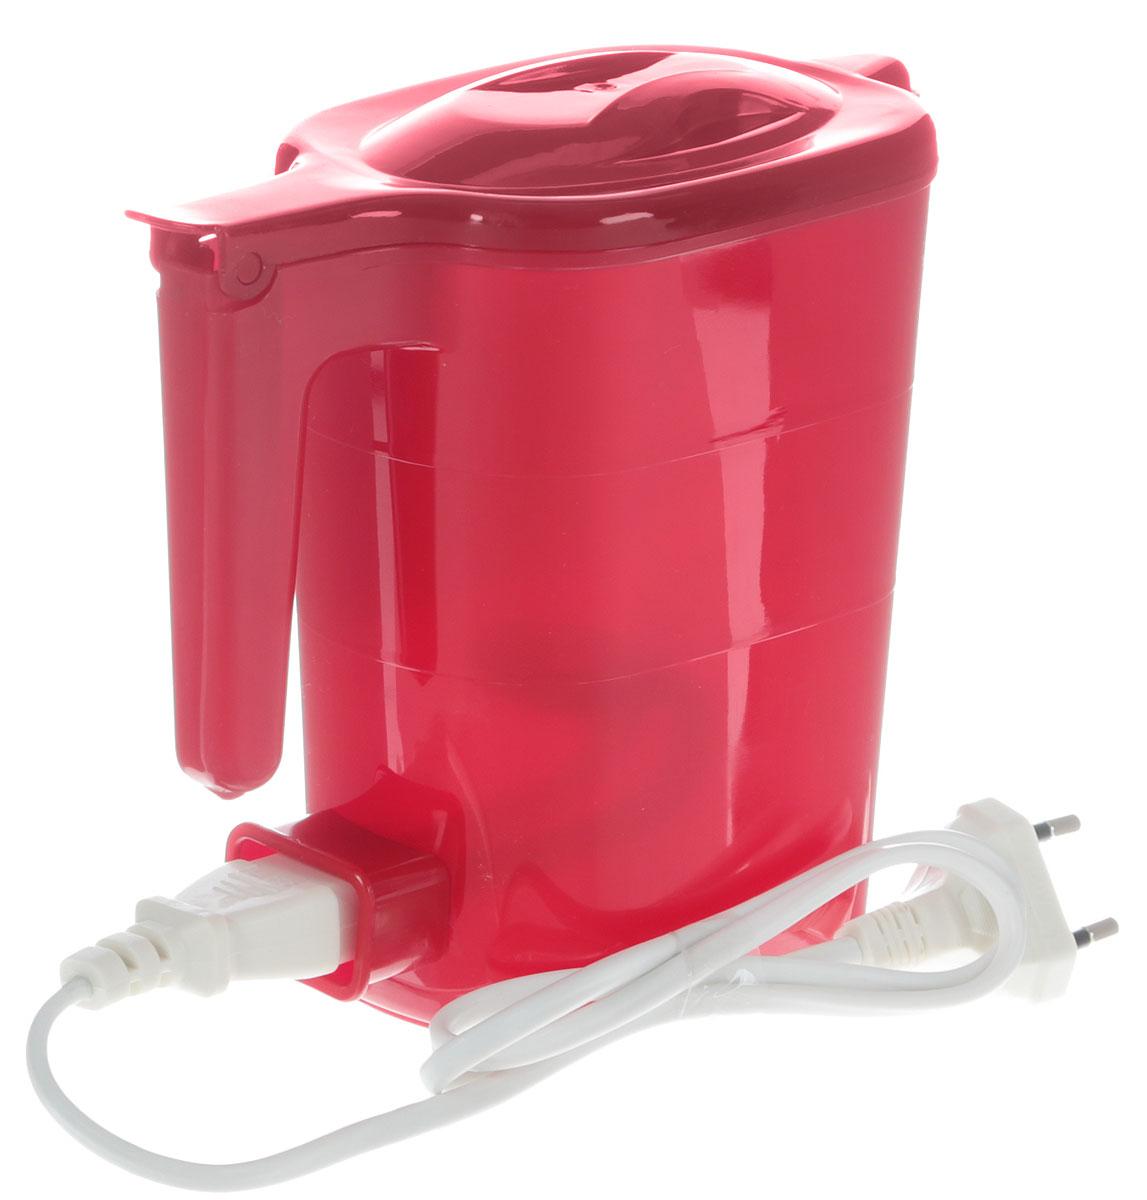 Электрический чайник Мастерица ЭЧ 0,5/0,5-220, цвет рубин Мастерица